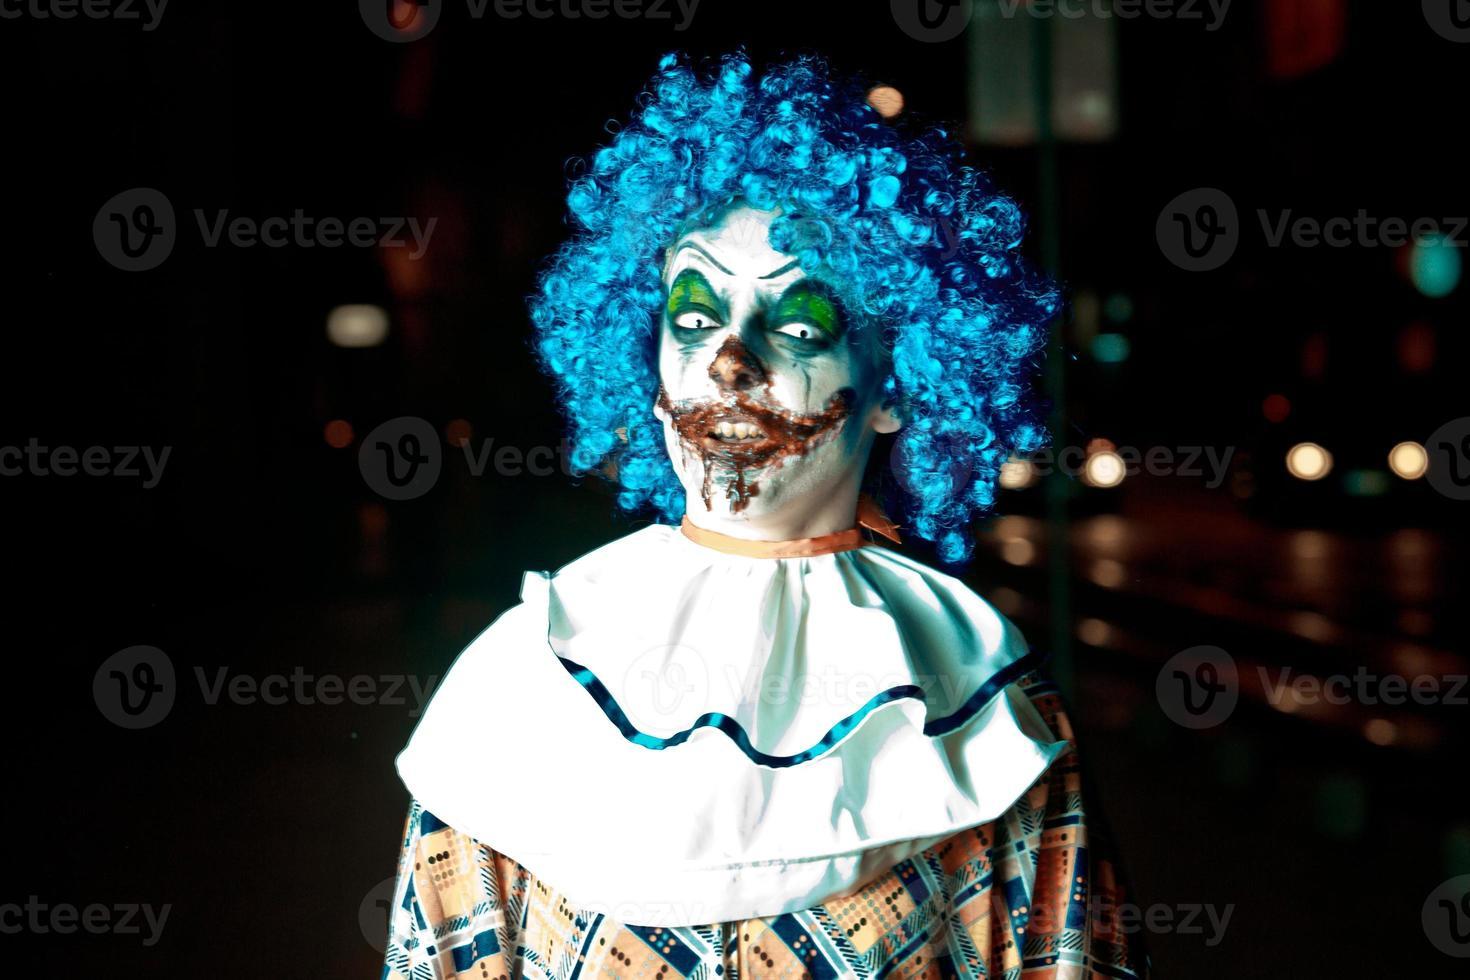 gekke boze clown in de stad op halloween die mensen bang maakt foto